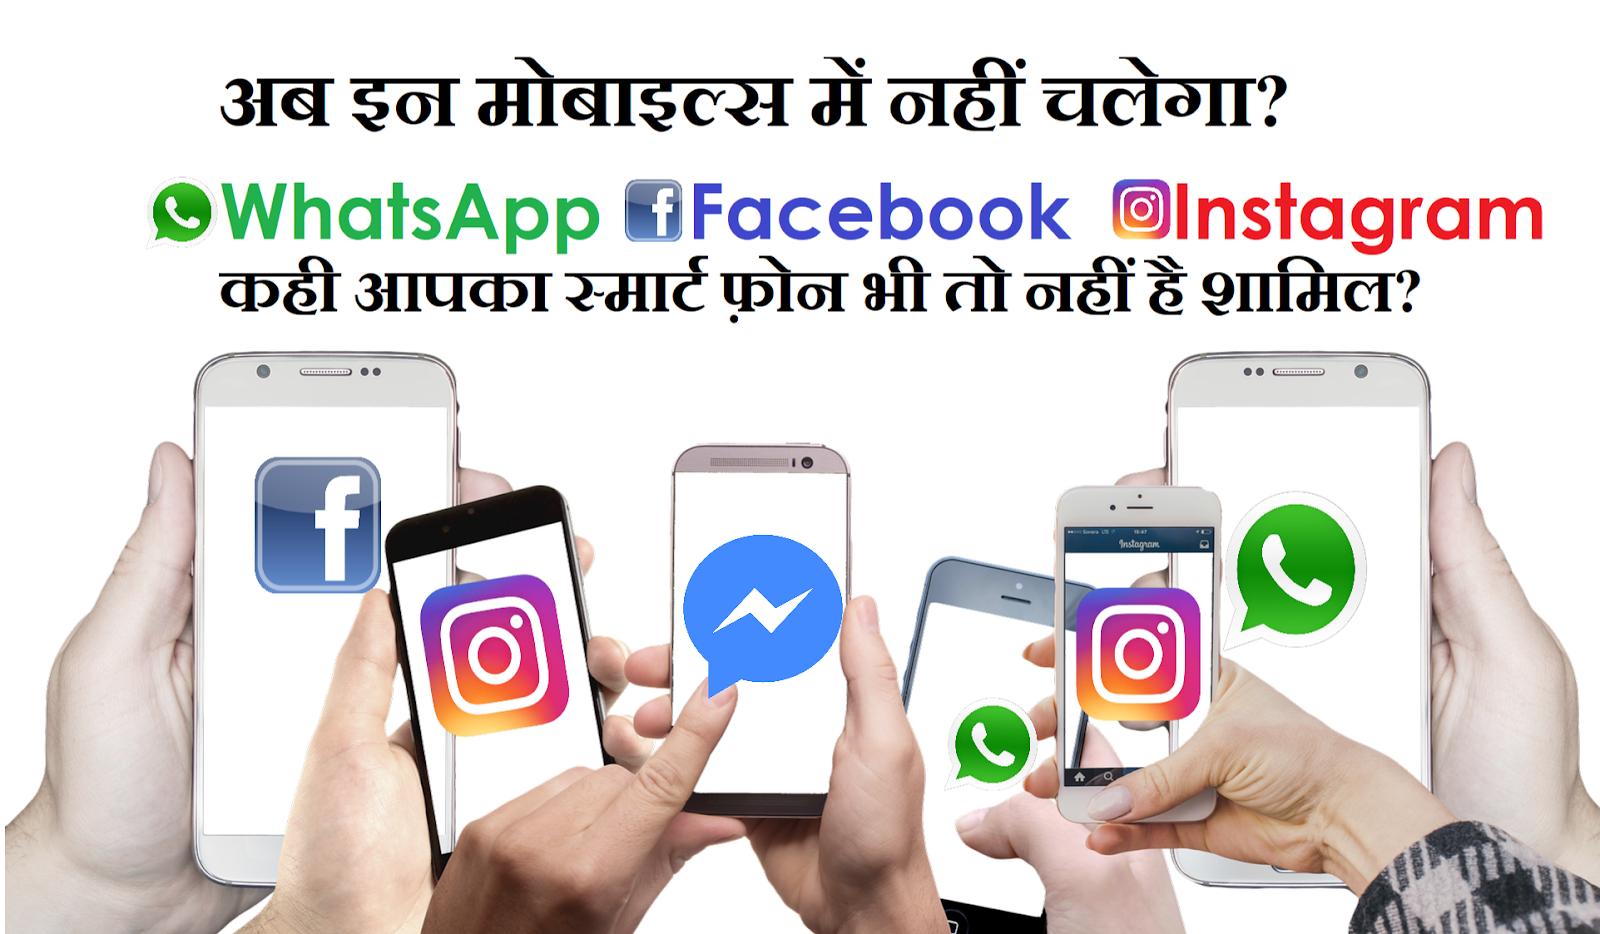 सोशल मीडिया यूजर के लिए बुरी खबर! इन मोबाइल्स में अब नहीं चलेंगे Whatsapp Facebook and Instagram